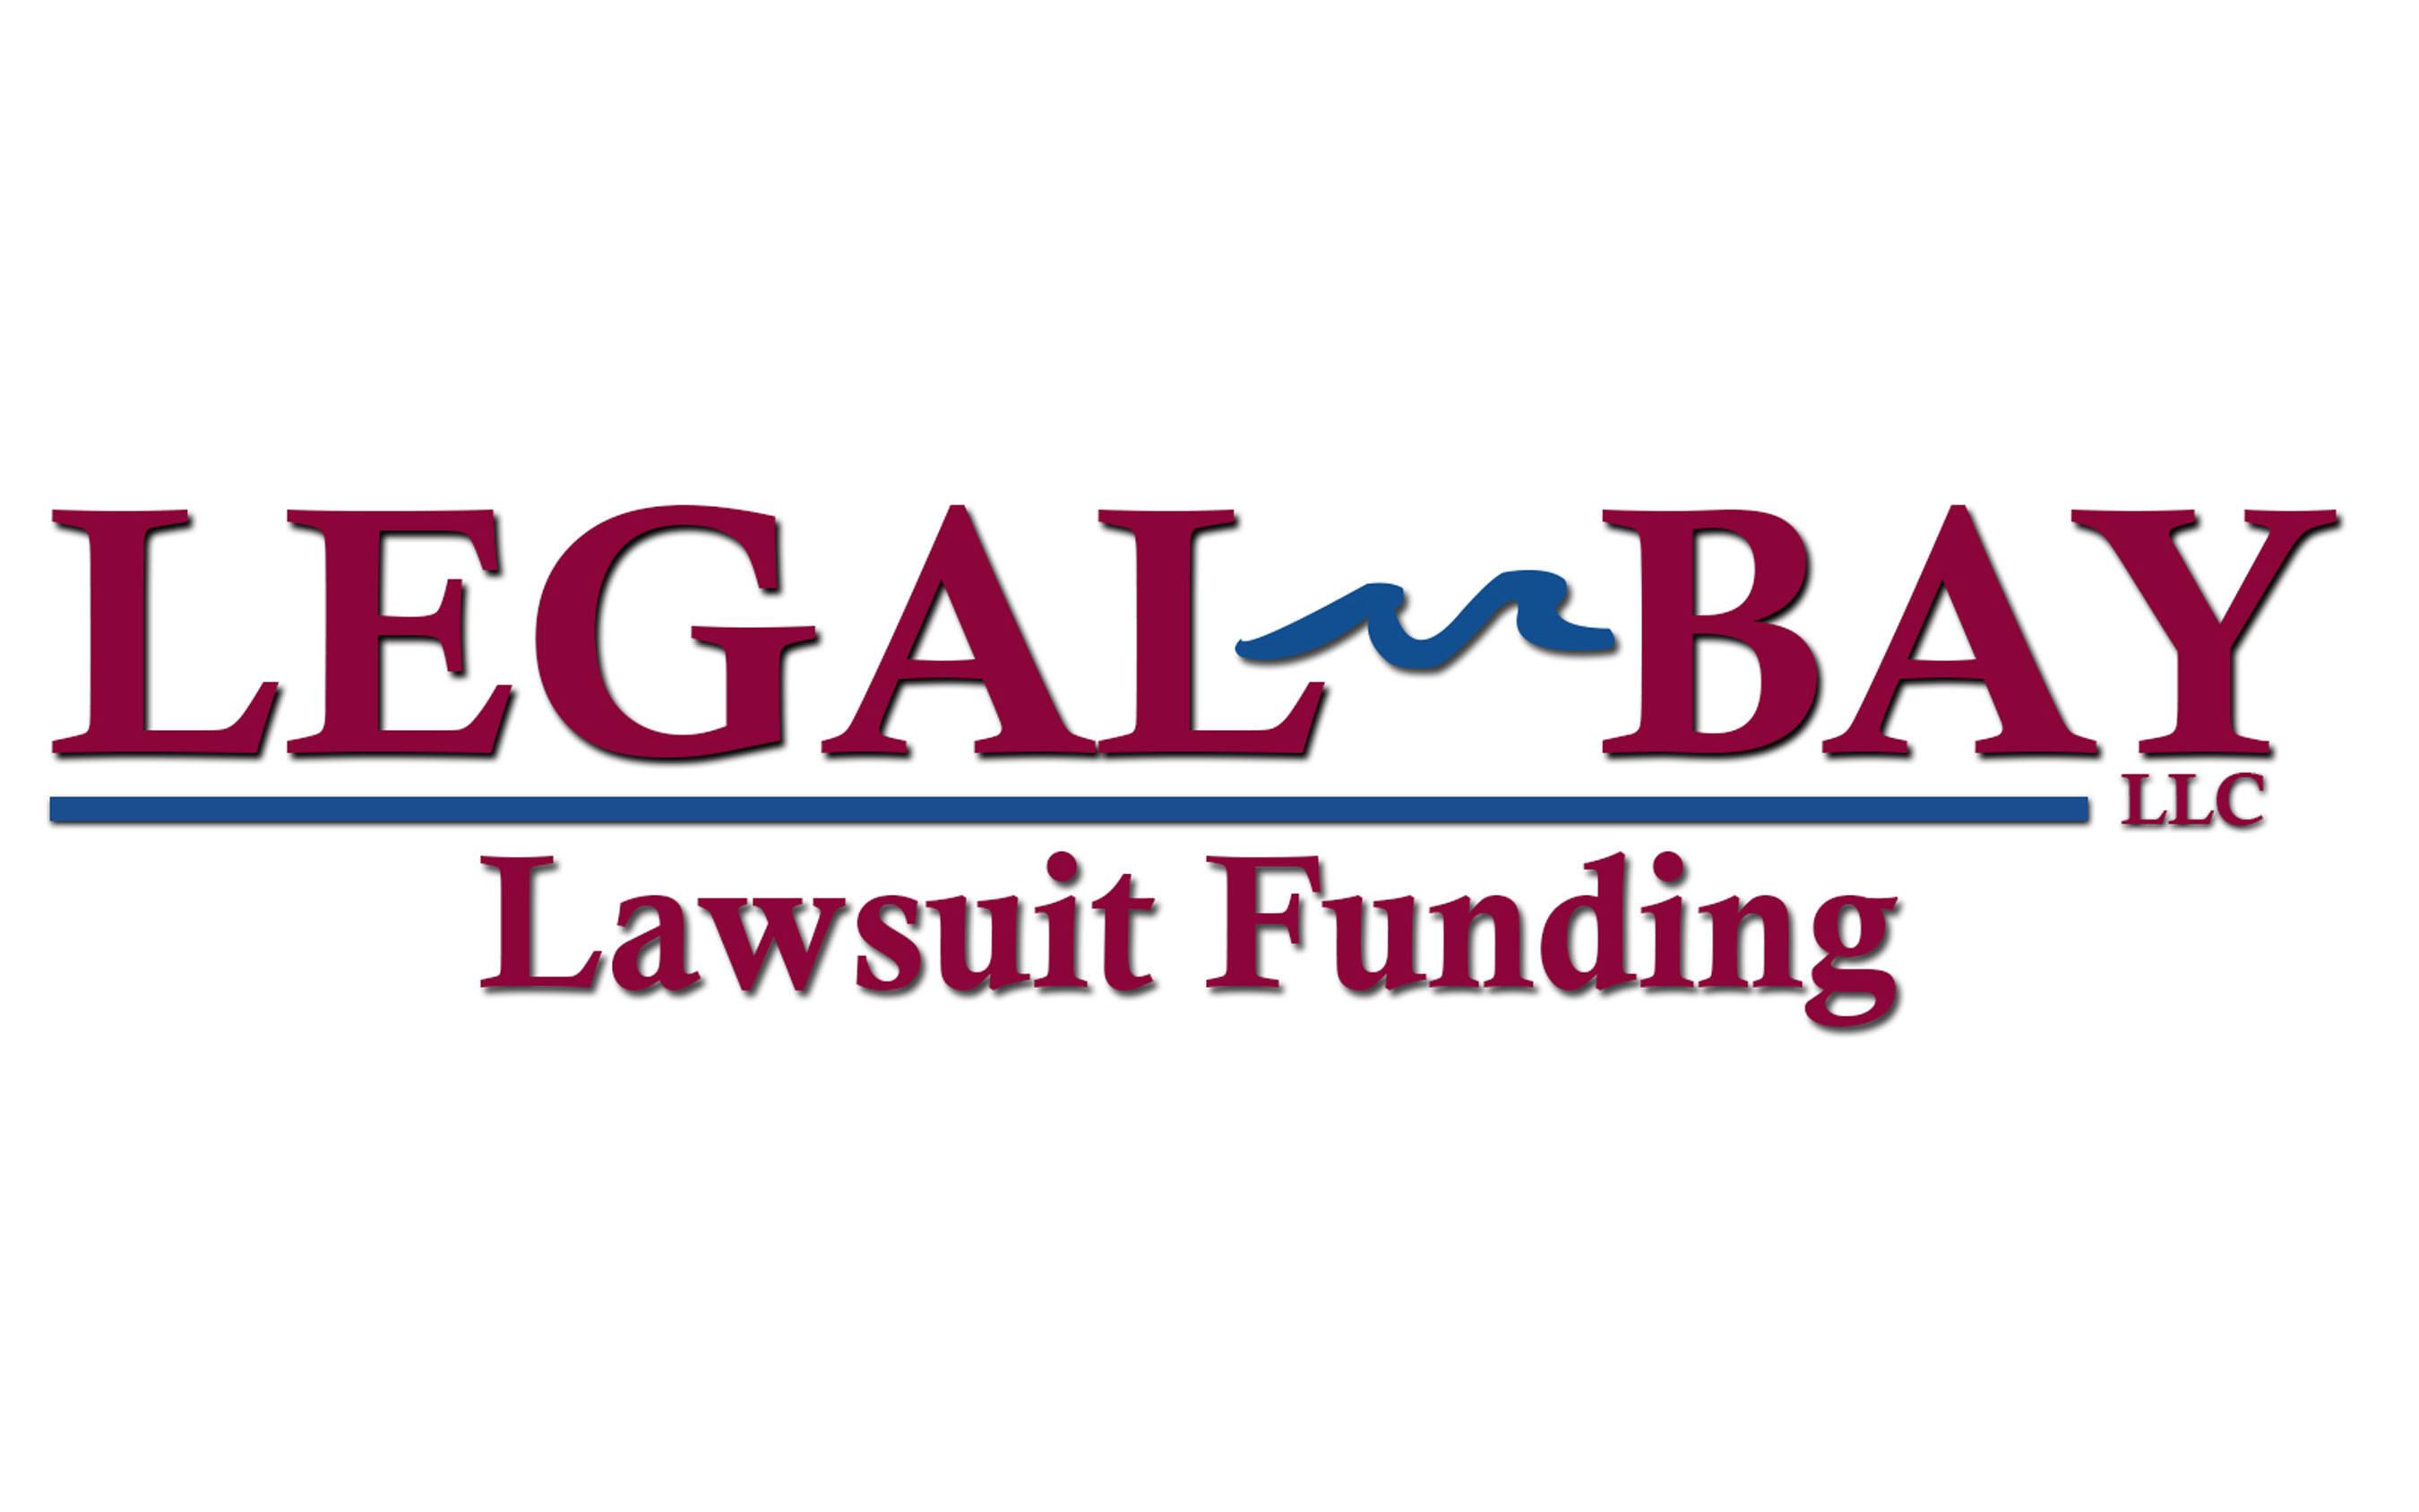 Legal-Bay LLC Logo